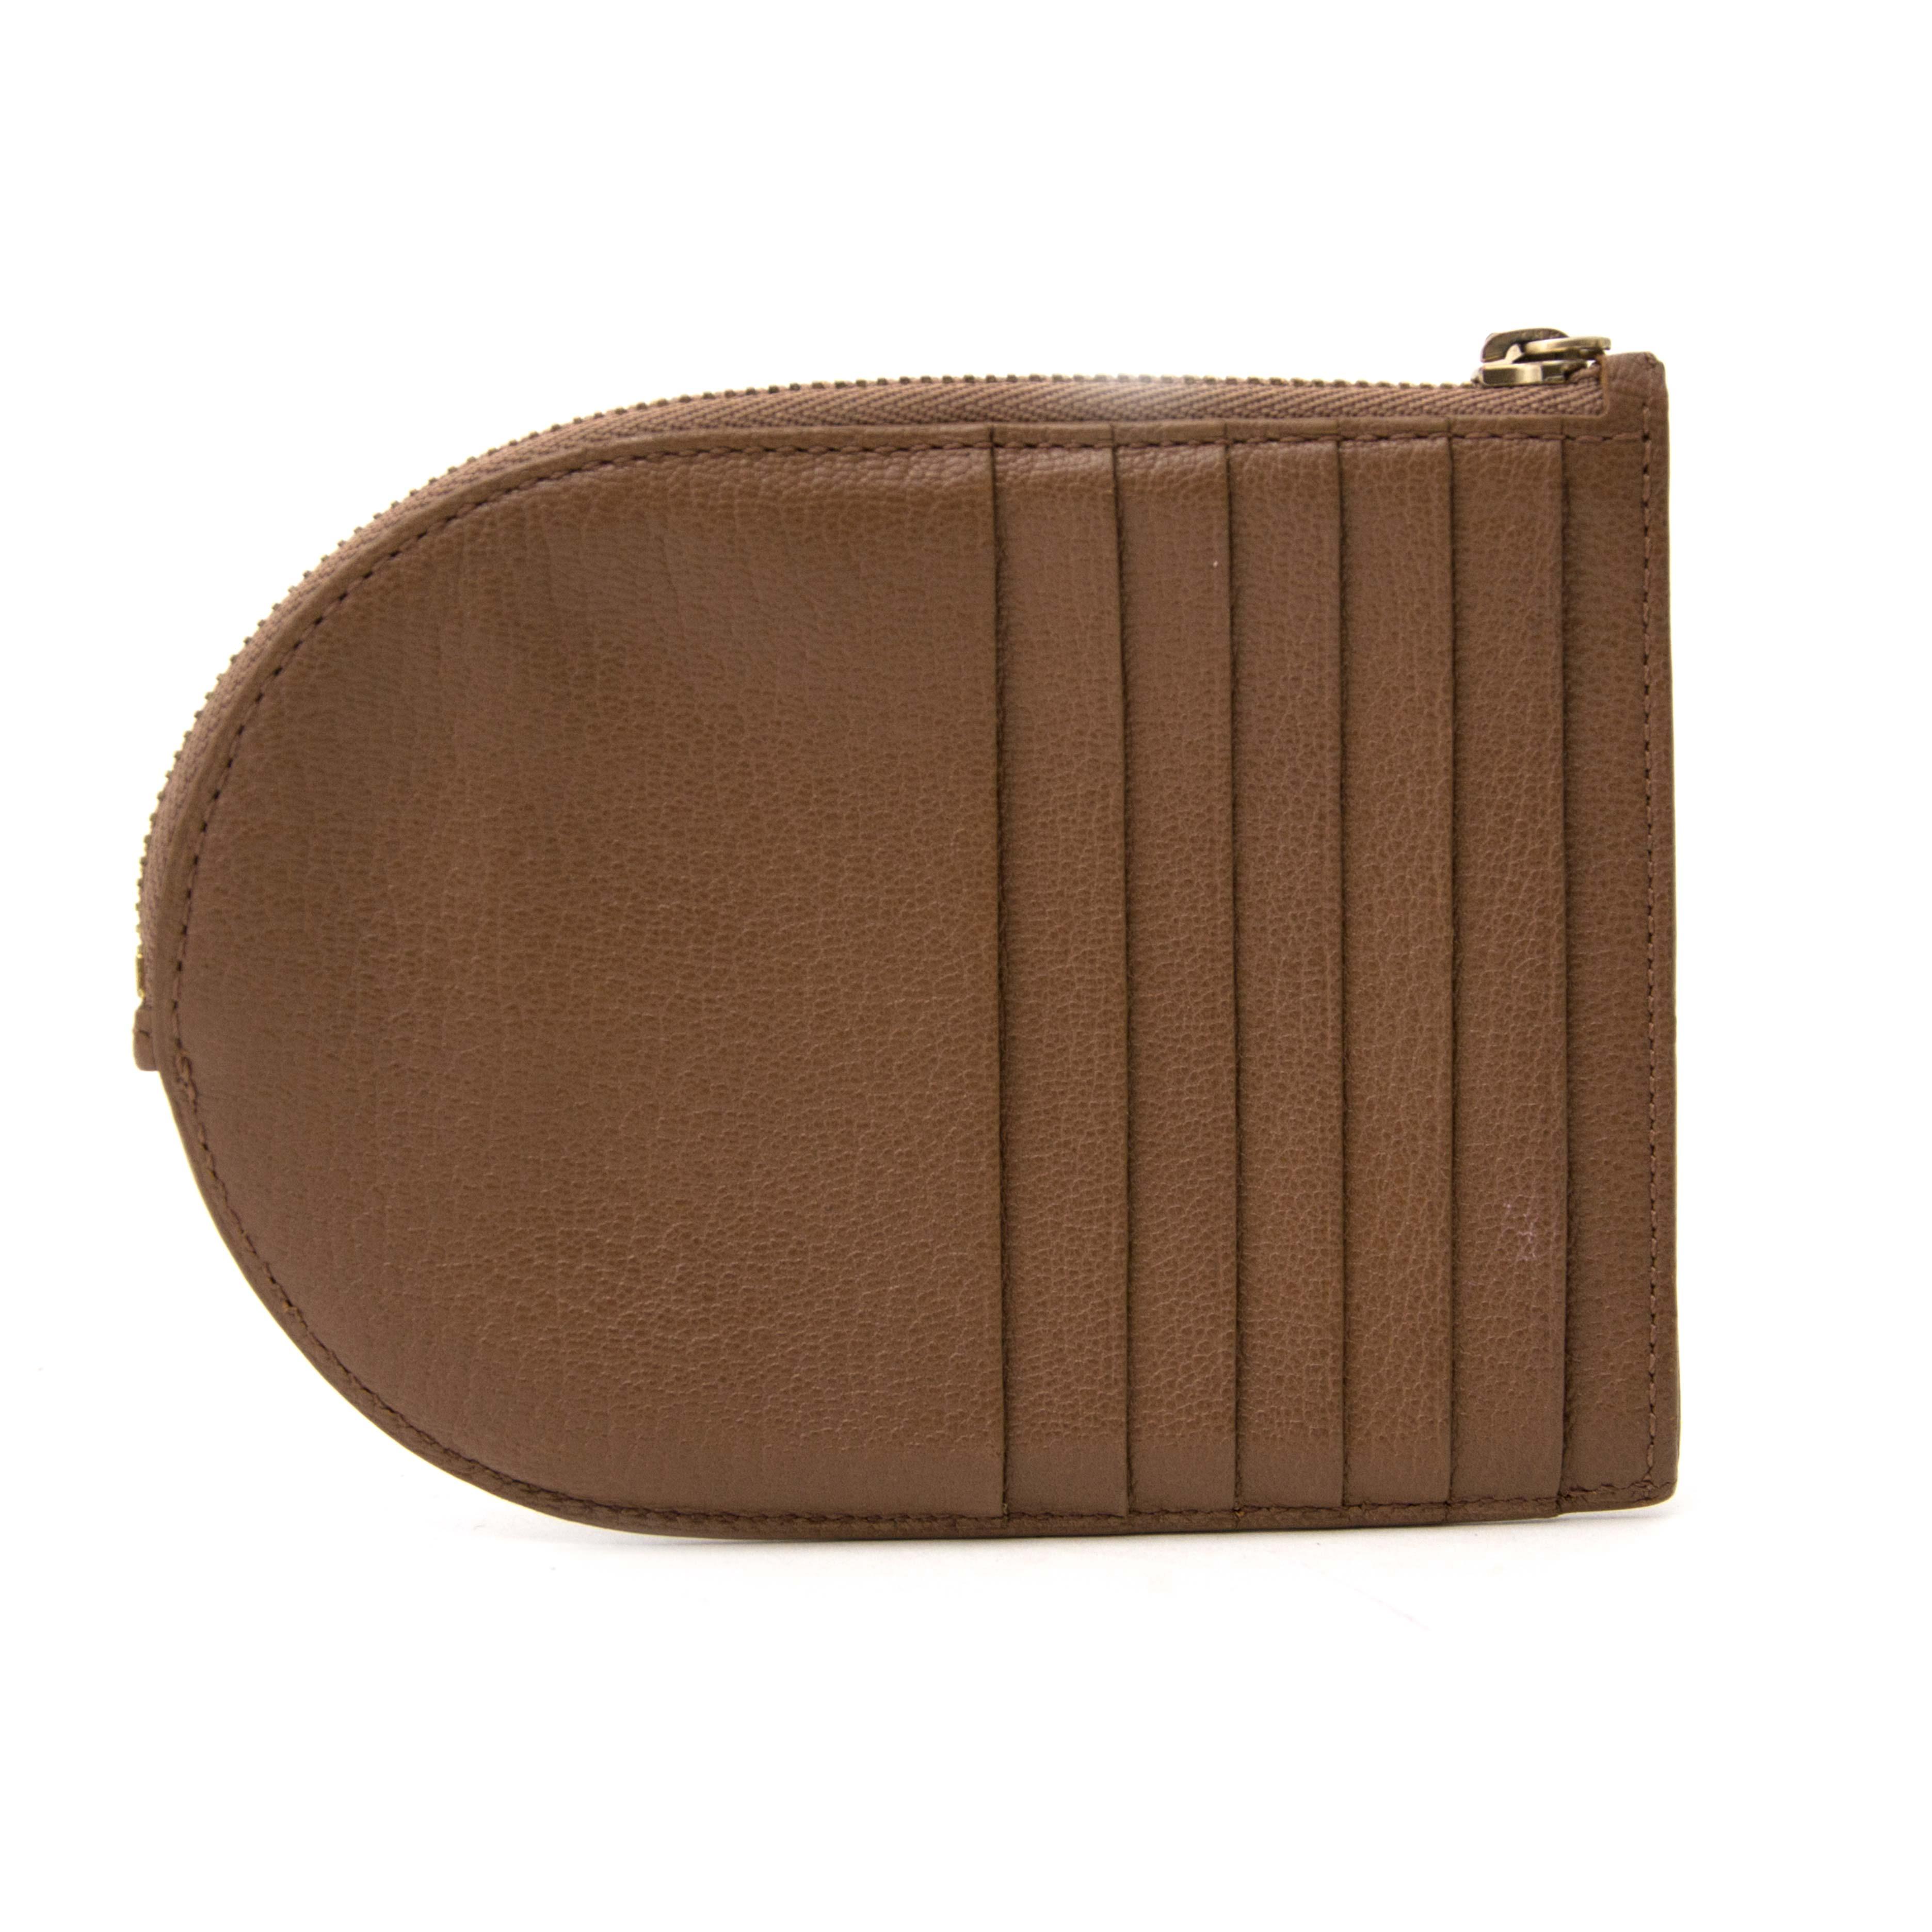 koop nu veilig online tweedehands Delvaux Brown D Wallet op labellov.com